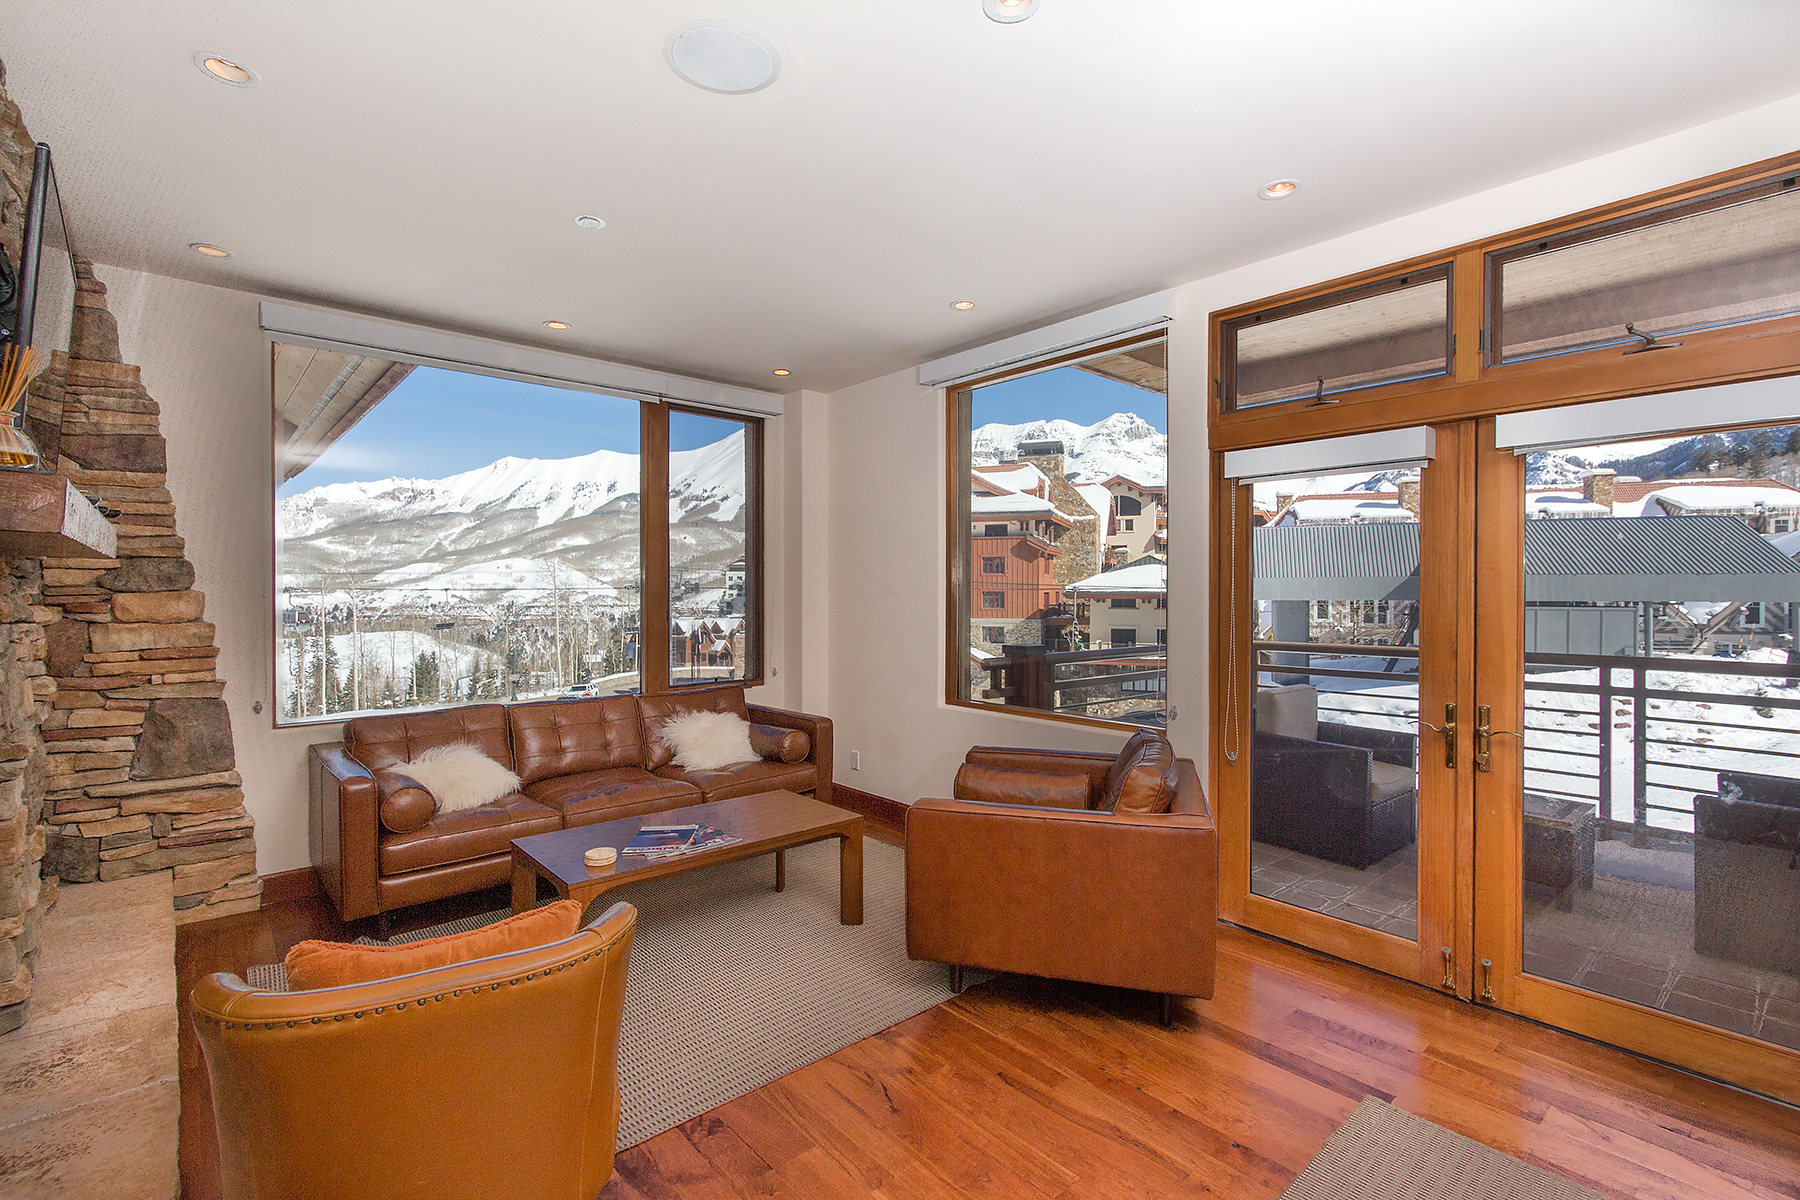 Condomínio para Venda às Granita 302 560 Mountain Village Boulevard, Unit 302 Telluride, Colorado 81435 Estados Unidos